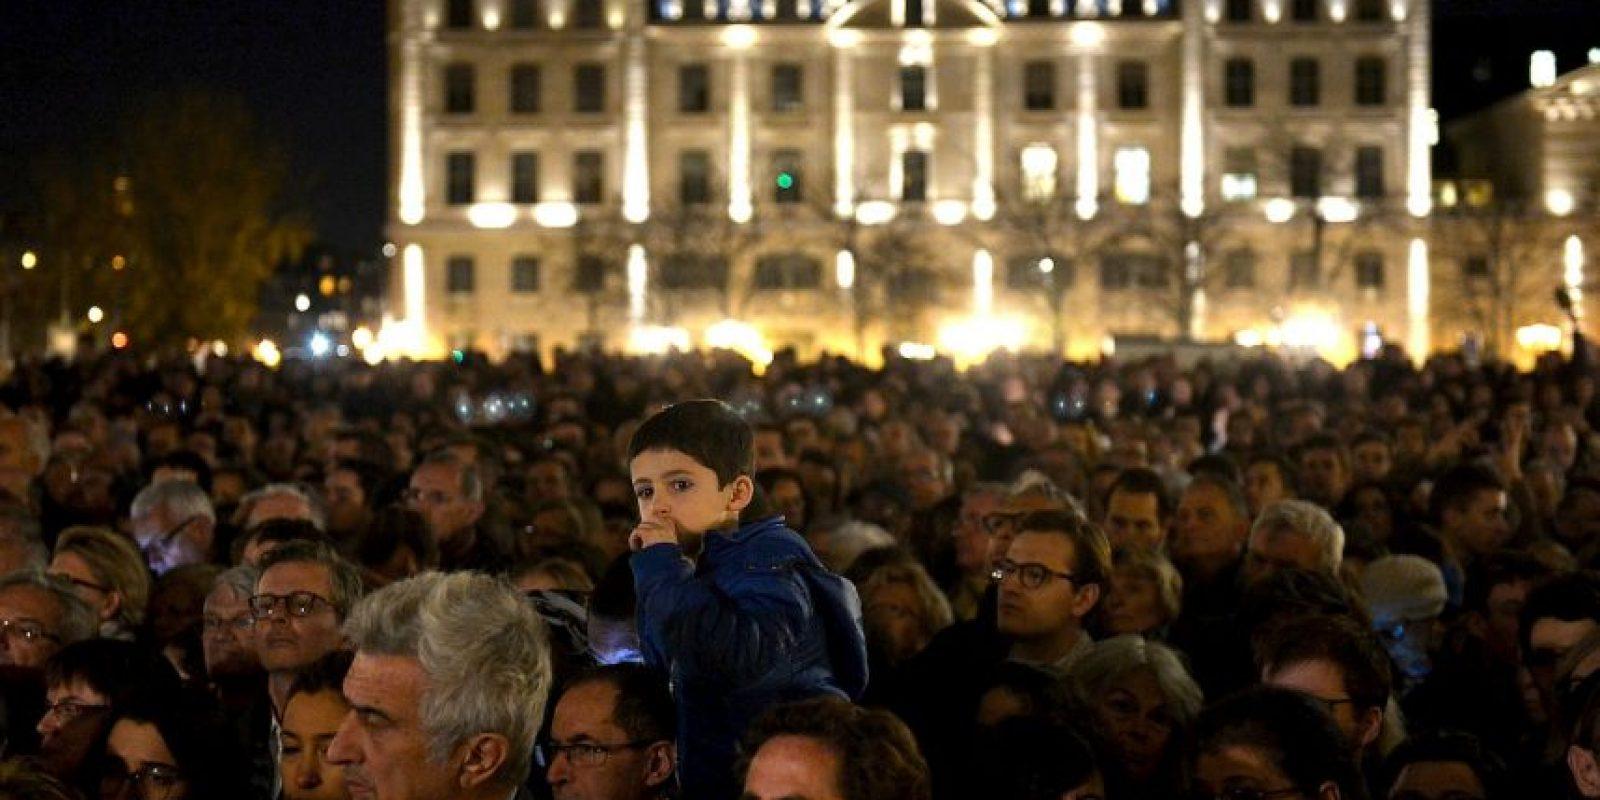 Una multitud que se congregó frente a la catedral de Notre Dame para recordar a las víctimas. Foto:Getty Images